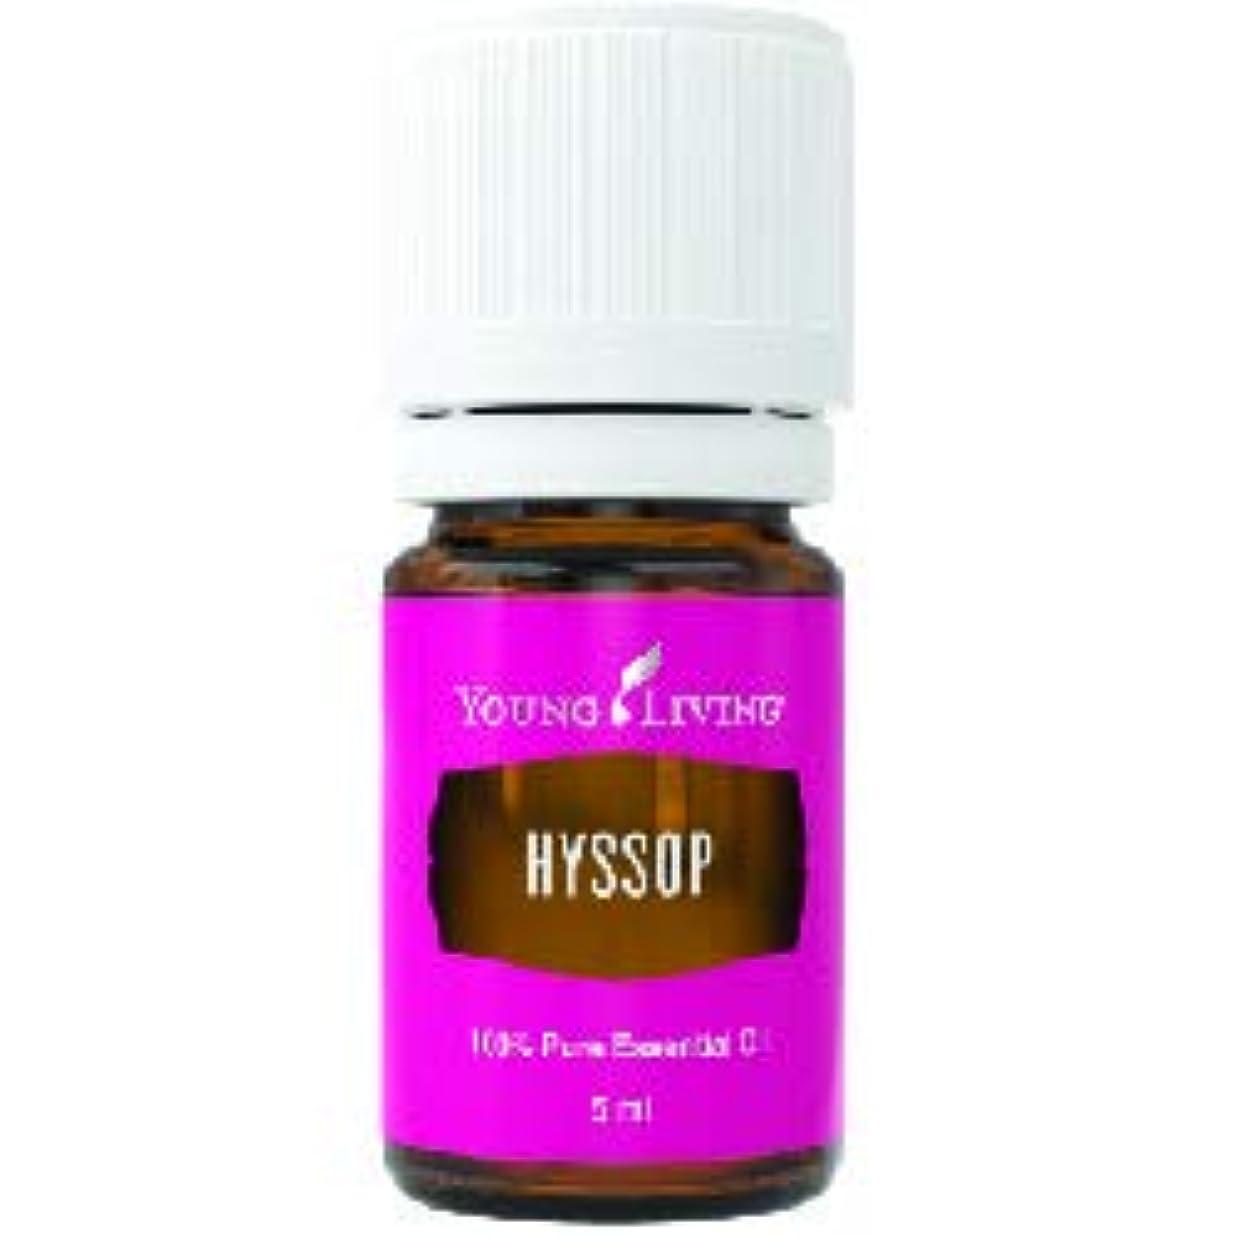 拡張先に拡大するヒソップエッセンシャルオイル ヤングリビングエッセンシャルオイルマレーシア5ml Hyssop Essential Oil 5ml by Young Living Essential Oil Malaysia